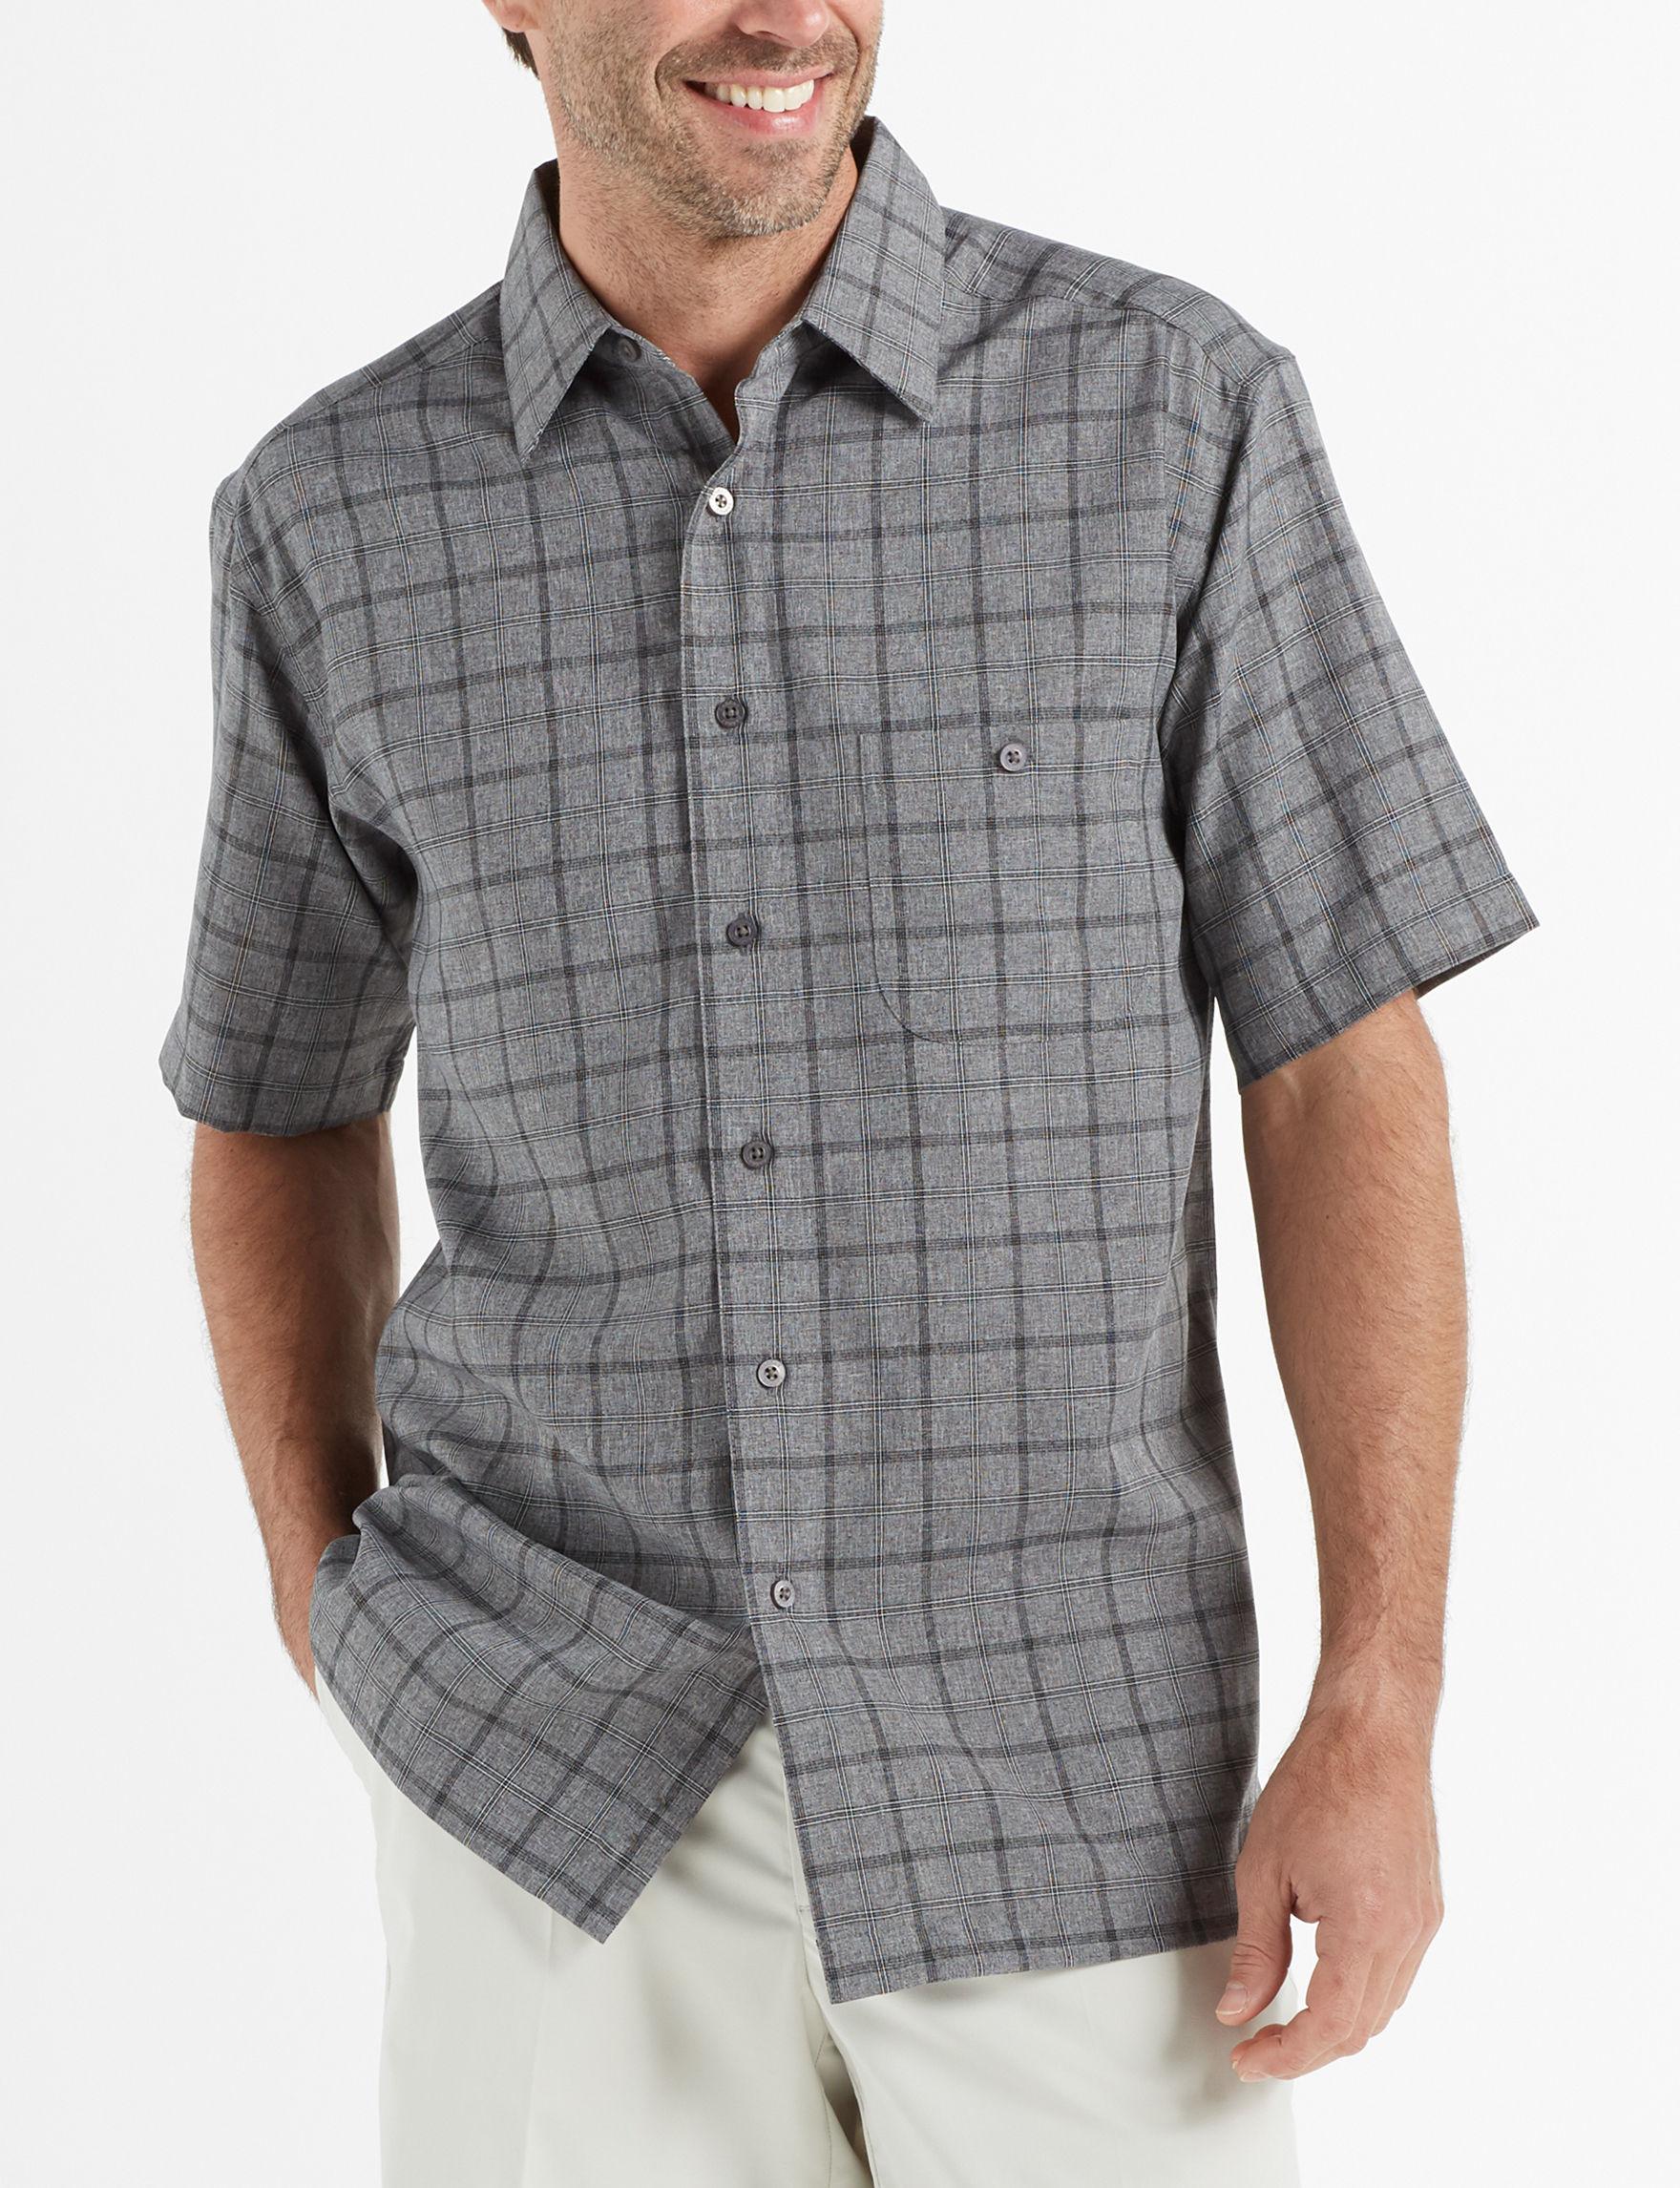 Haggar Black / Multi Casual Button Down Shirts